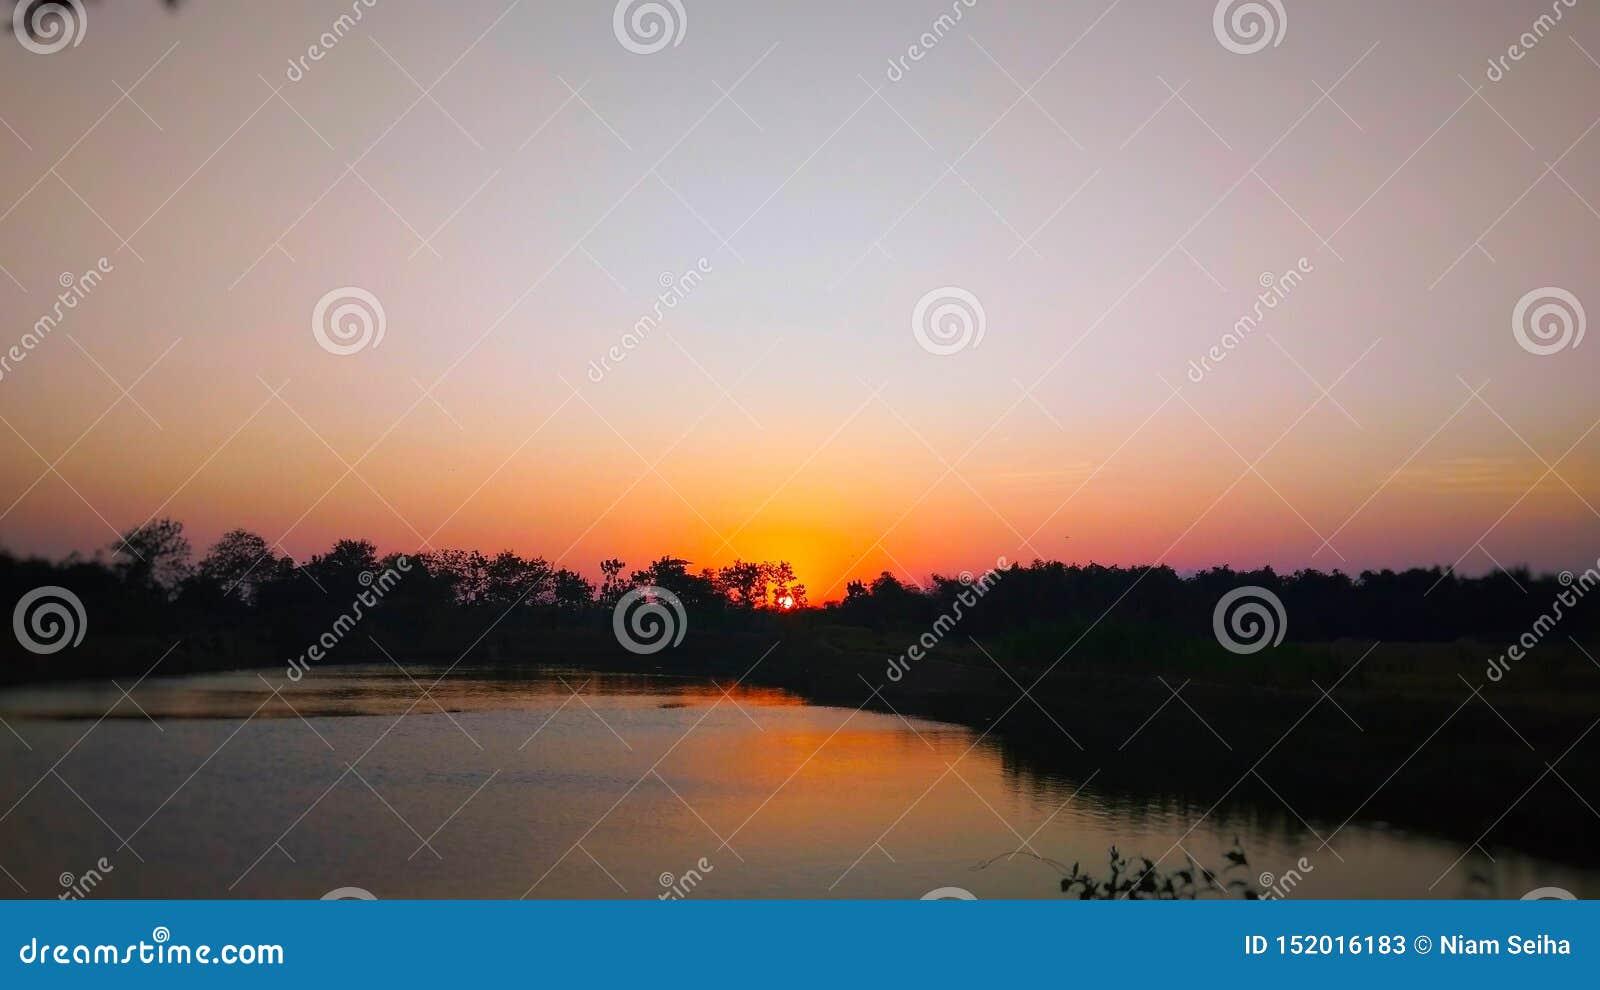 在水库边缘的日落视图